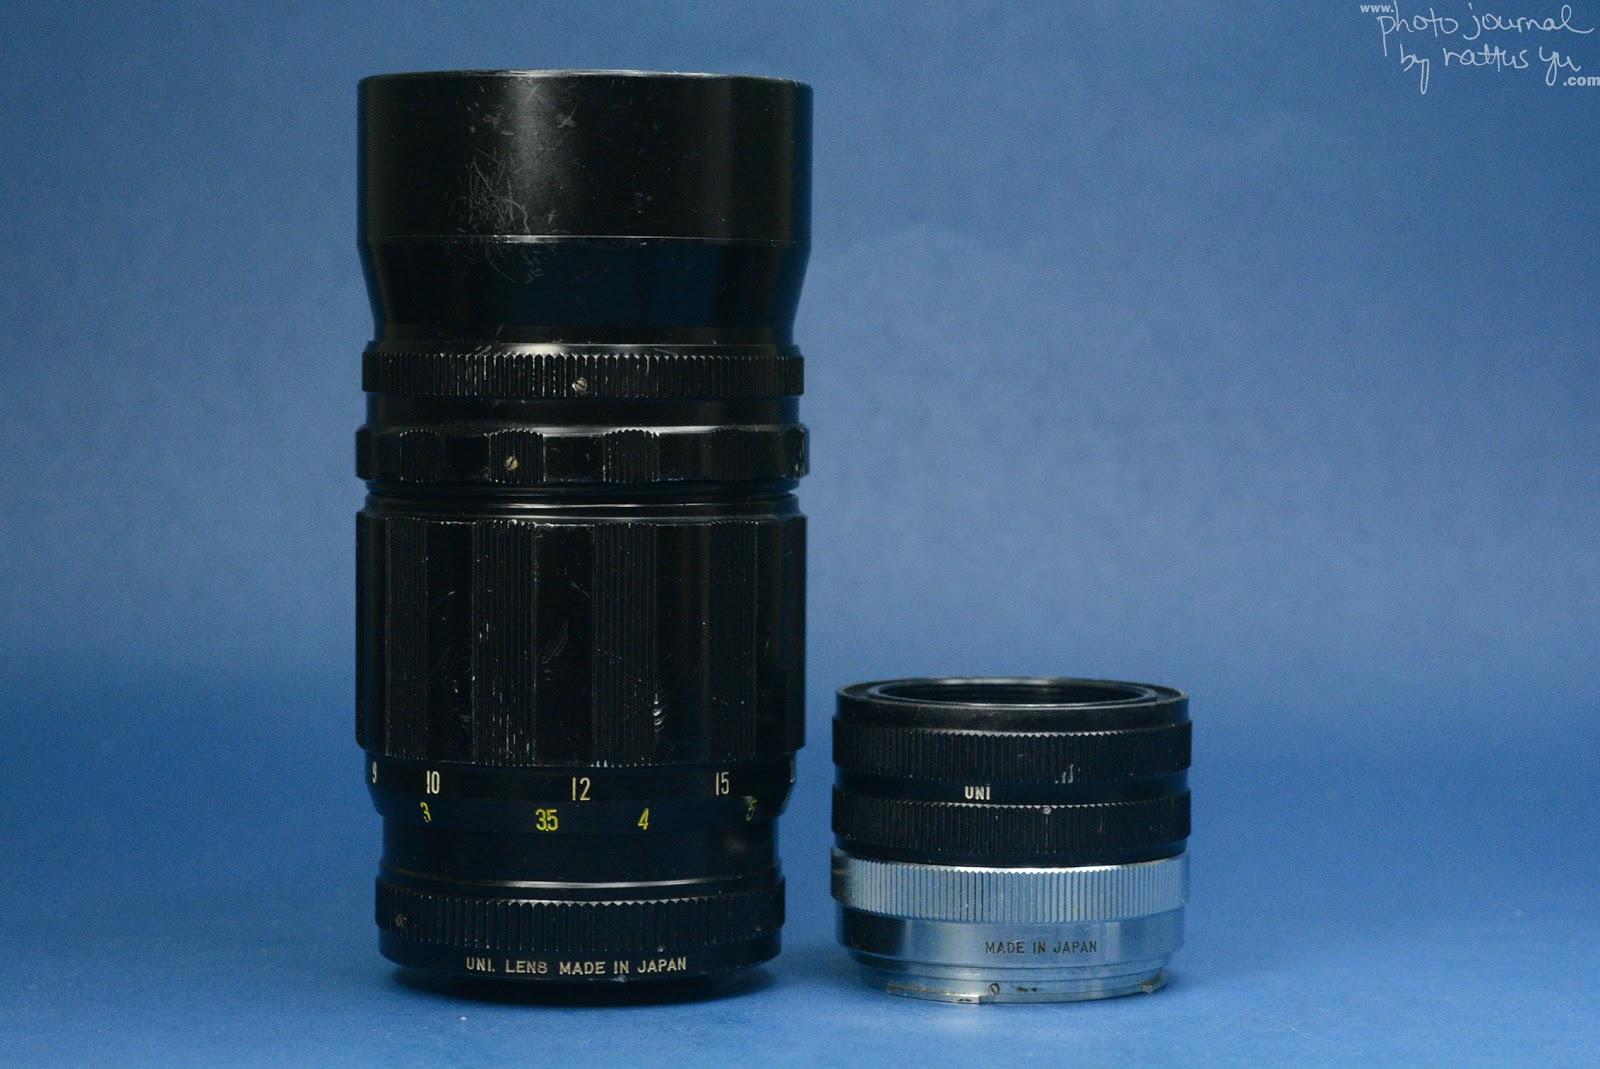 Sankyo Kohki KOMURA 200mm f/3.5